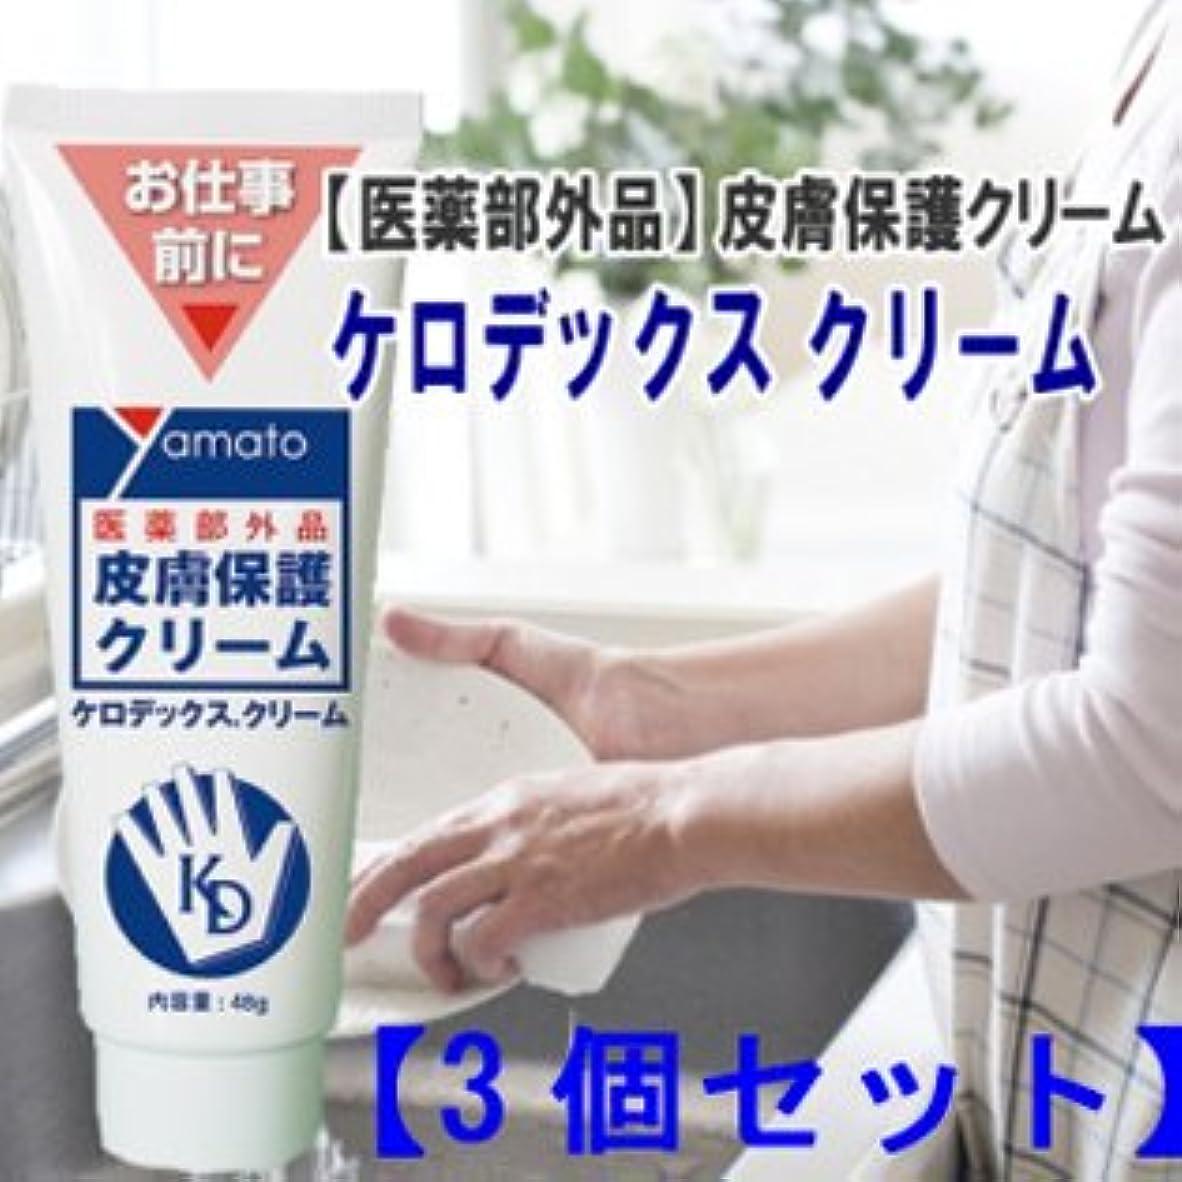 汚れる軽く大気医薬部外品 皮膚保護クリーム ケロデックスクリーム48g 3個セット